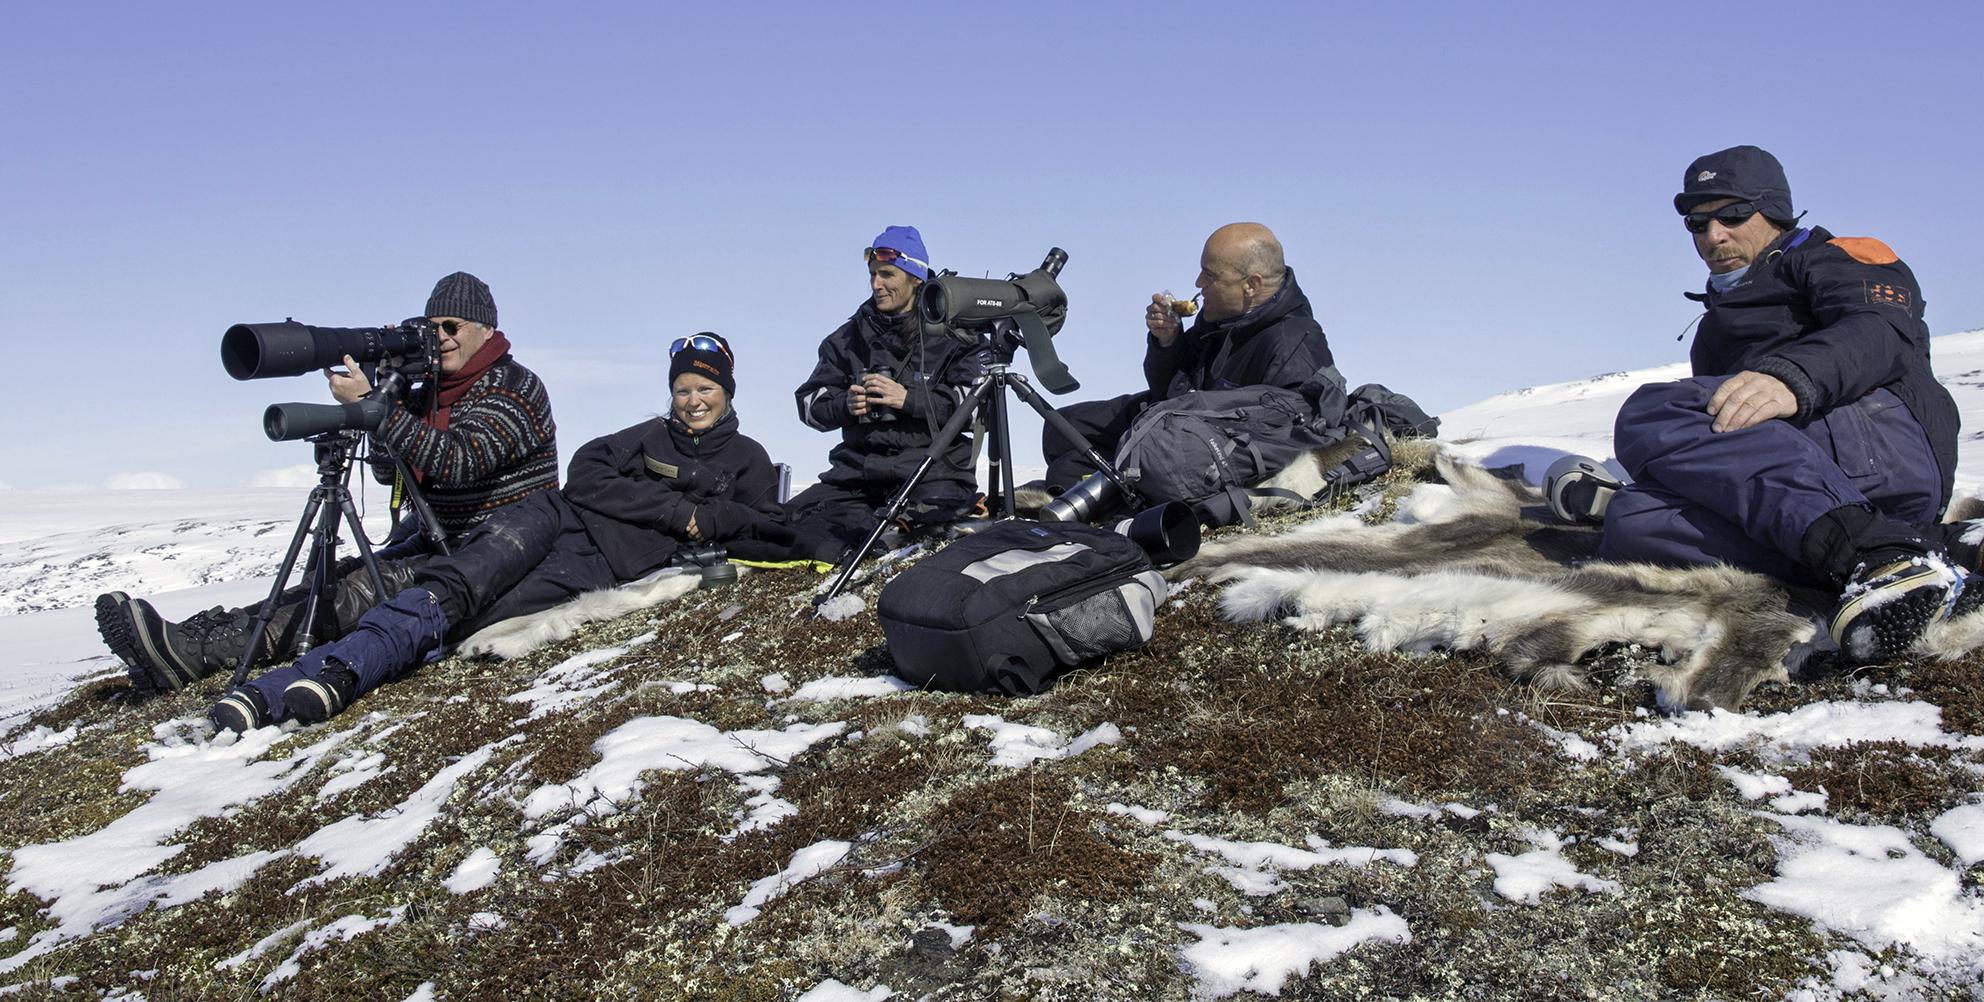 Fra venstre: Olav Strand, Norsk institutt for naturforskning (NINA), Kristin Lund Austvik, Kvikne Utmarksråd, Berit Broen, SNO, Erik M. Ydse, SNO og Ingebrigt Storli, Kvikne Utmarksråd.